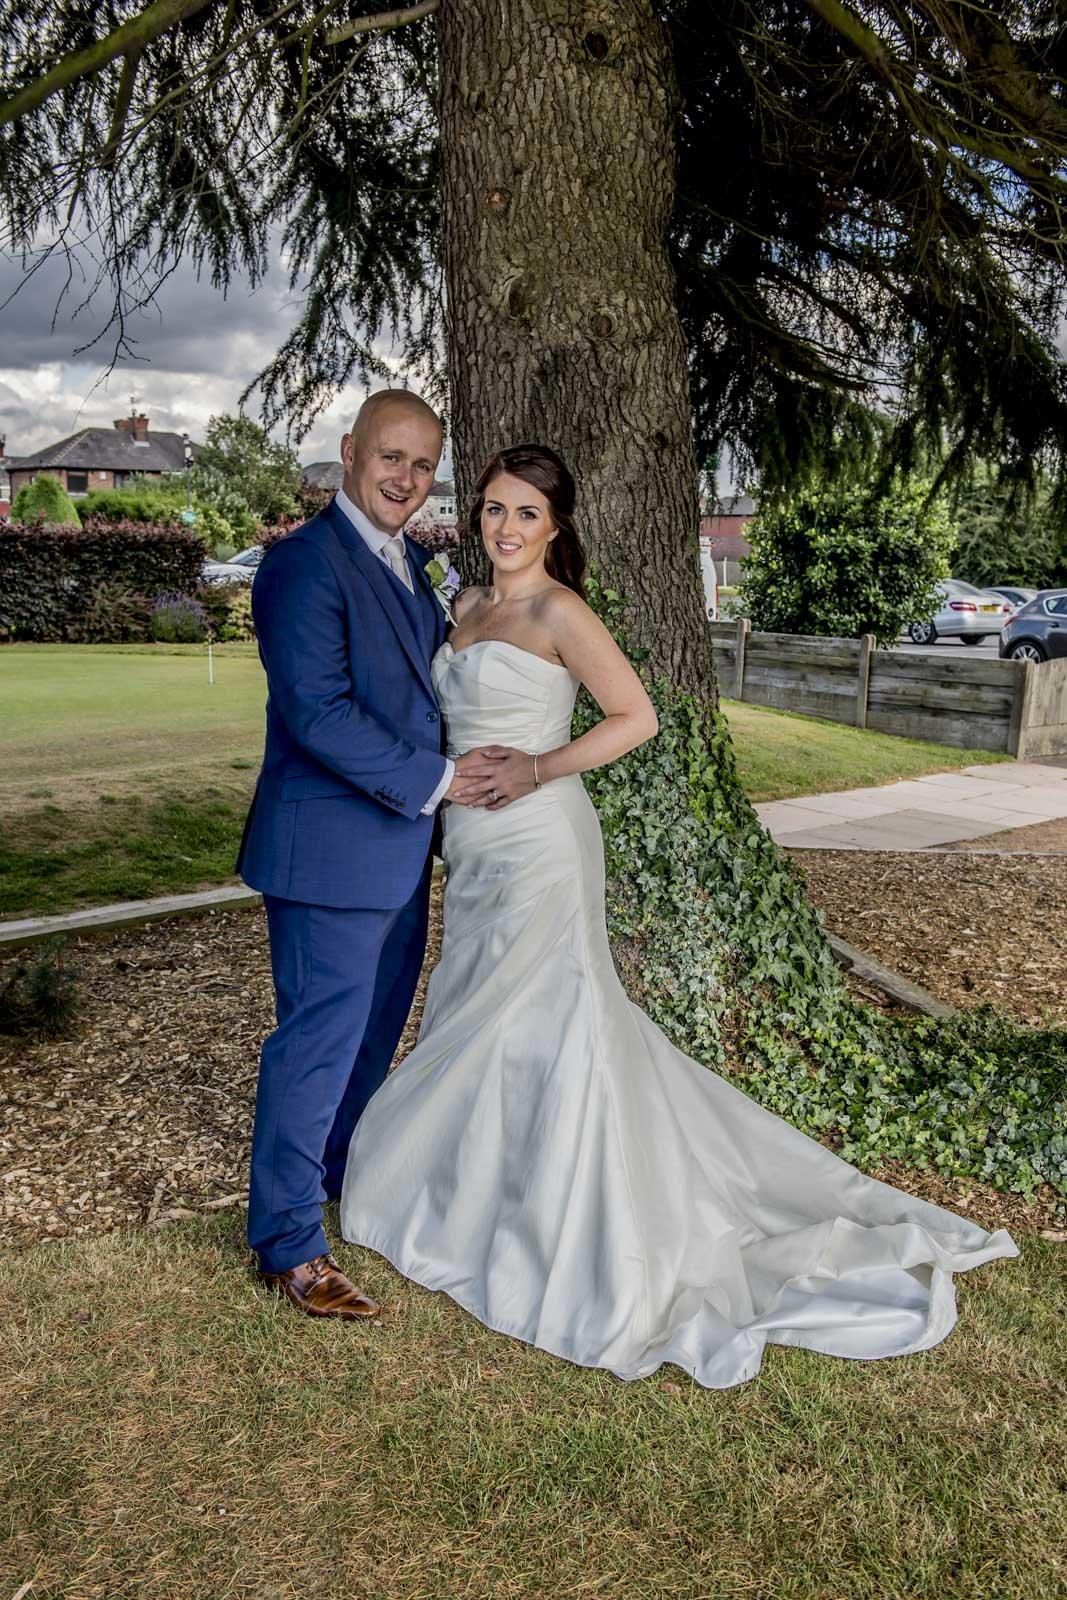 Kyle and Sarah formal